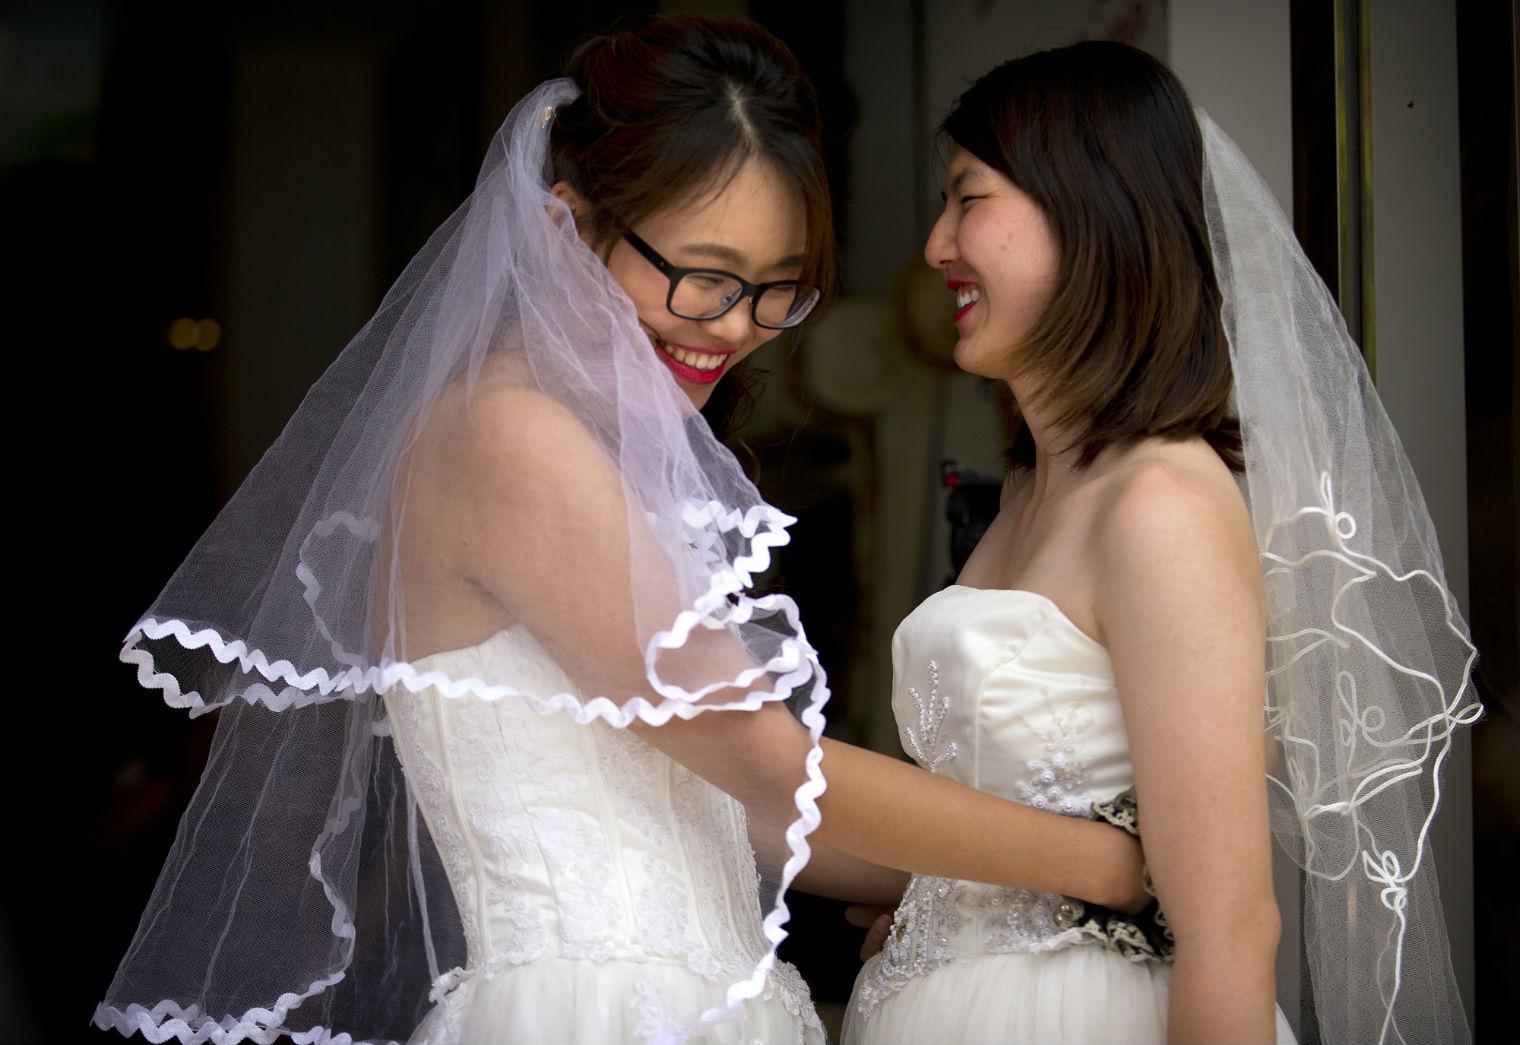 Gestul lor face inconjurul lumii. Cum au decis doua lesbiene din China sa isi oficializeze relatia, una interzisa de lege